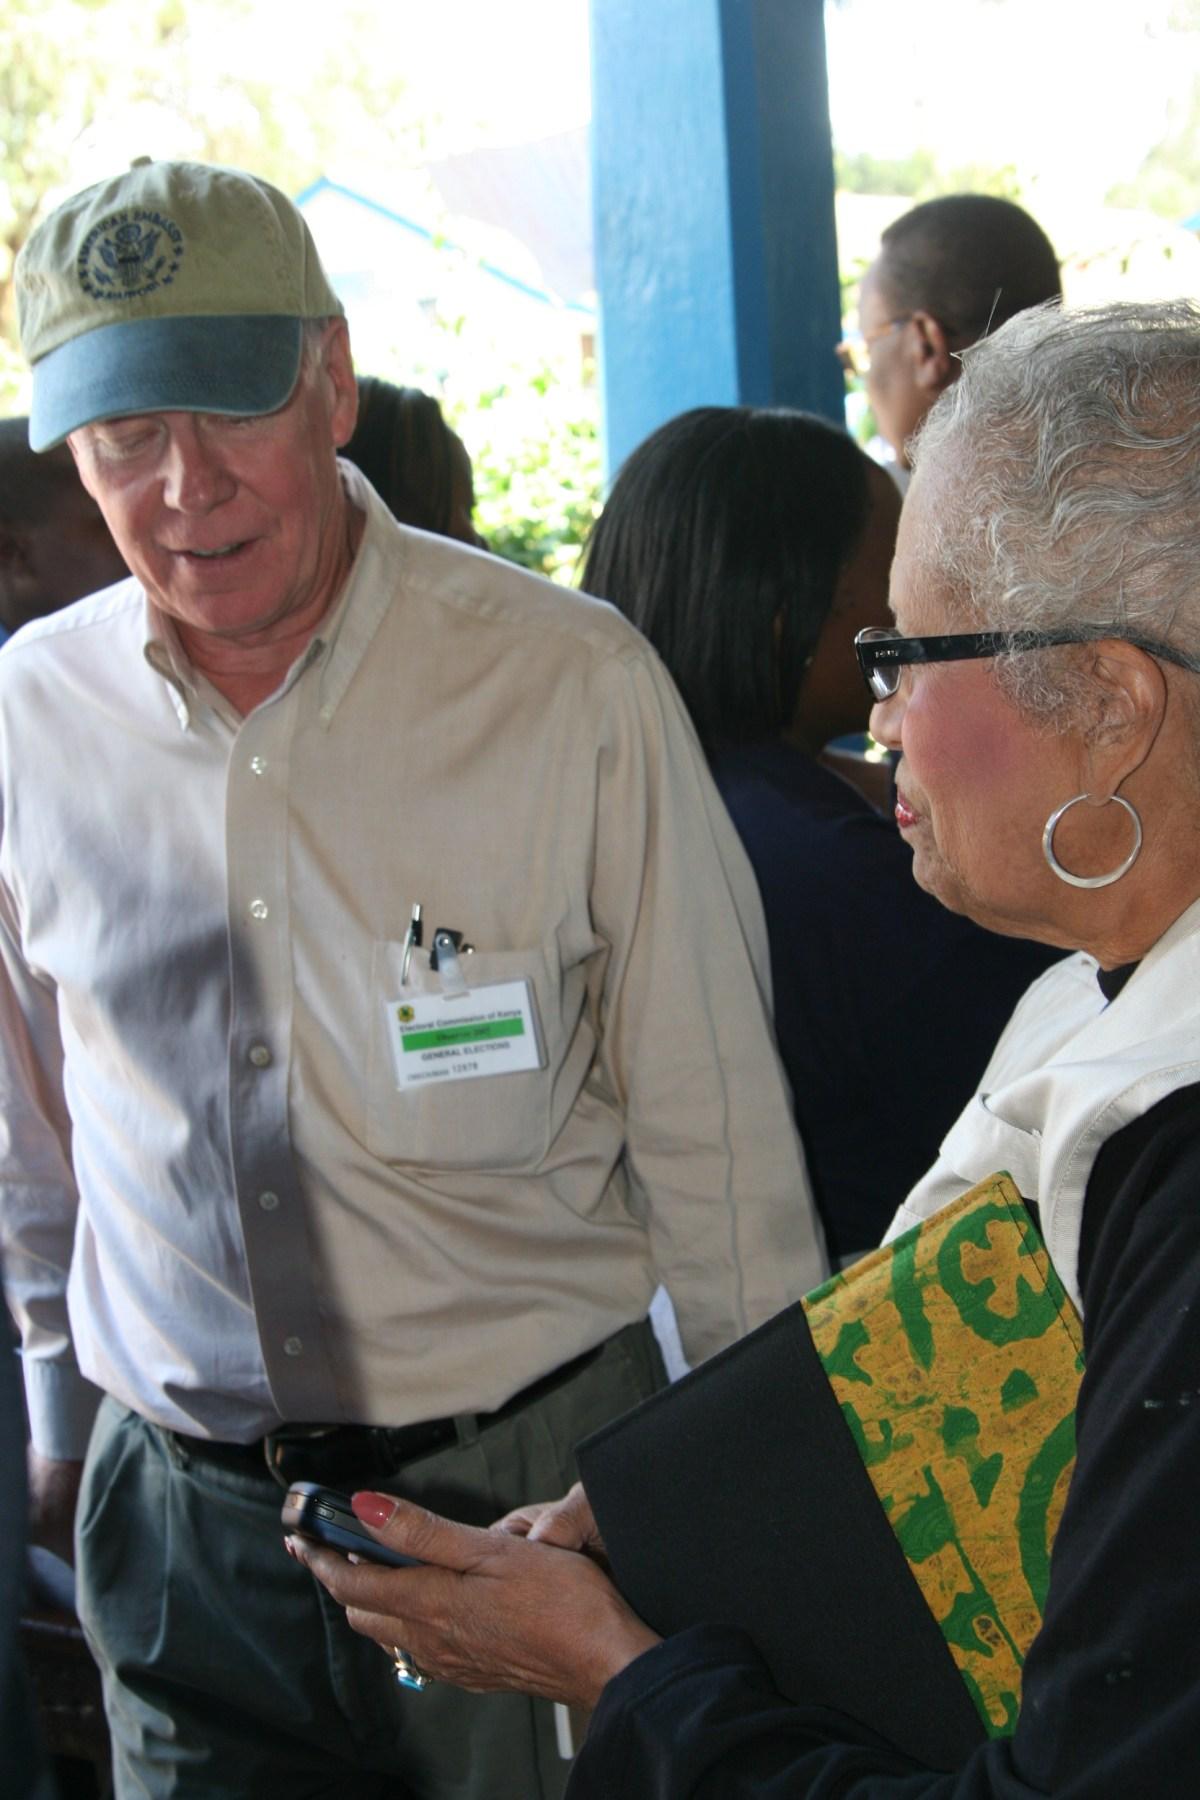 Kenya 2007 election- Ambassador Ranneberger and Connie Newman at polling station Nairobi